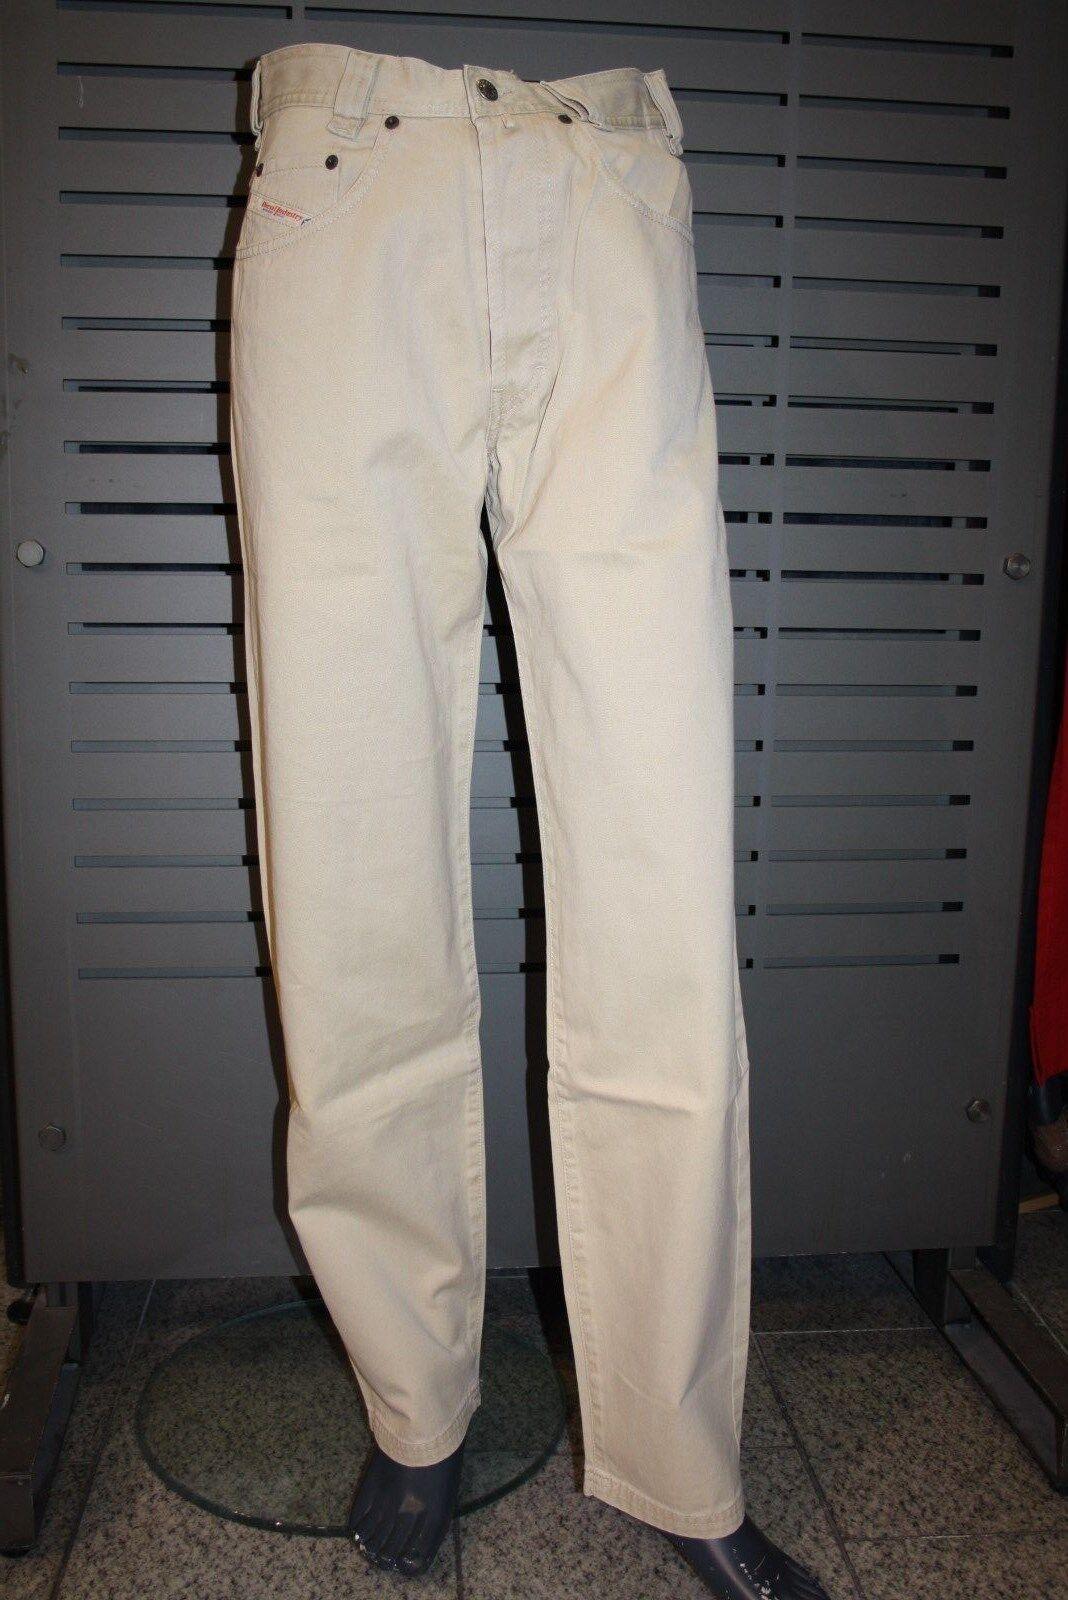 67235847a0 ... Diesel Jeans Saddle Gabardine beige neu Karottenschnitt 100% 100% 100%  Baumwolle 18a61a ...